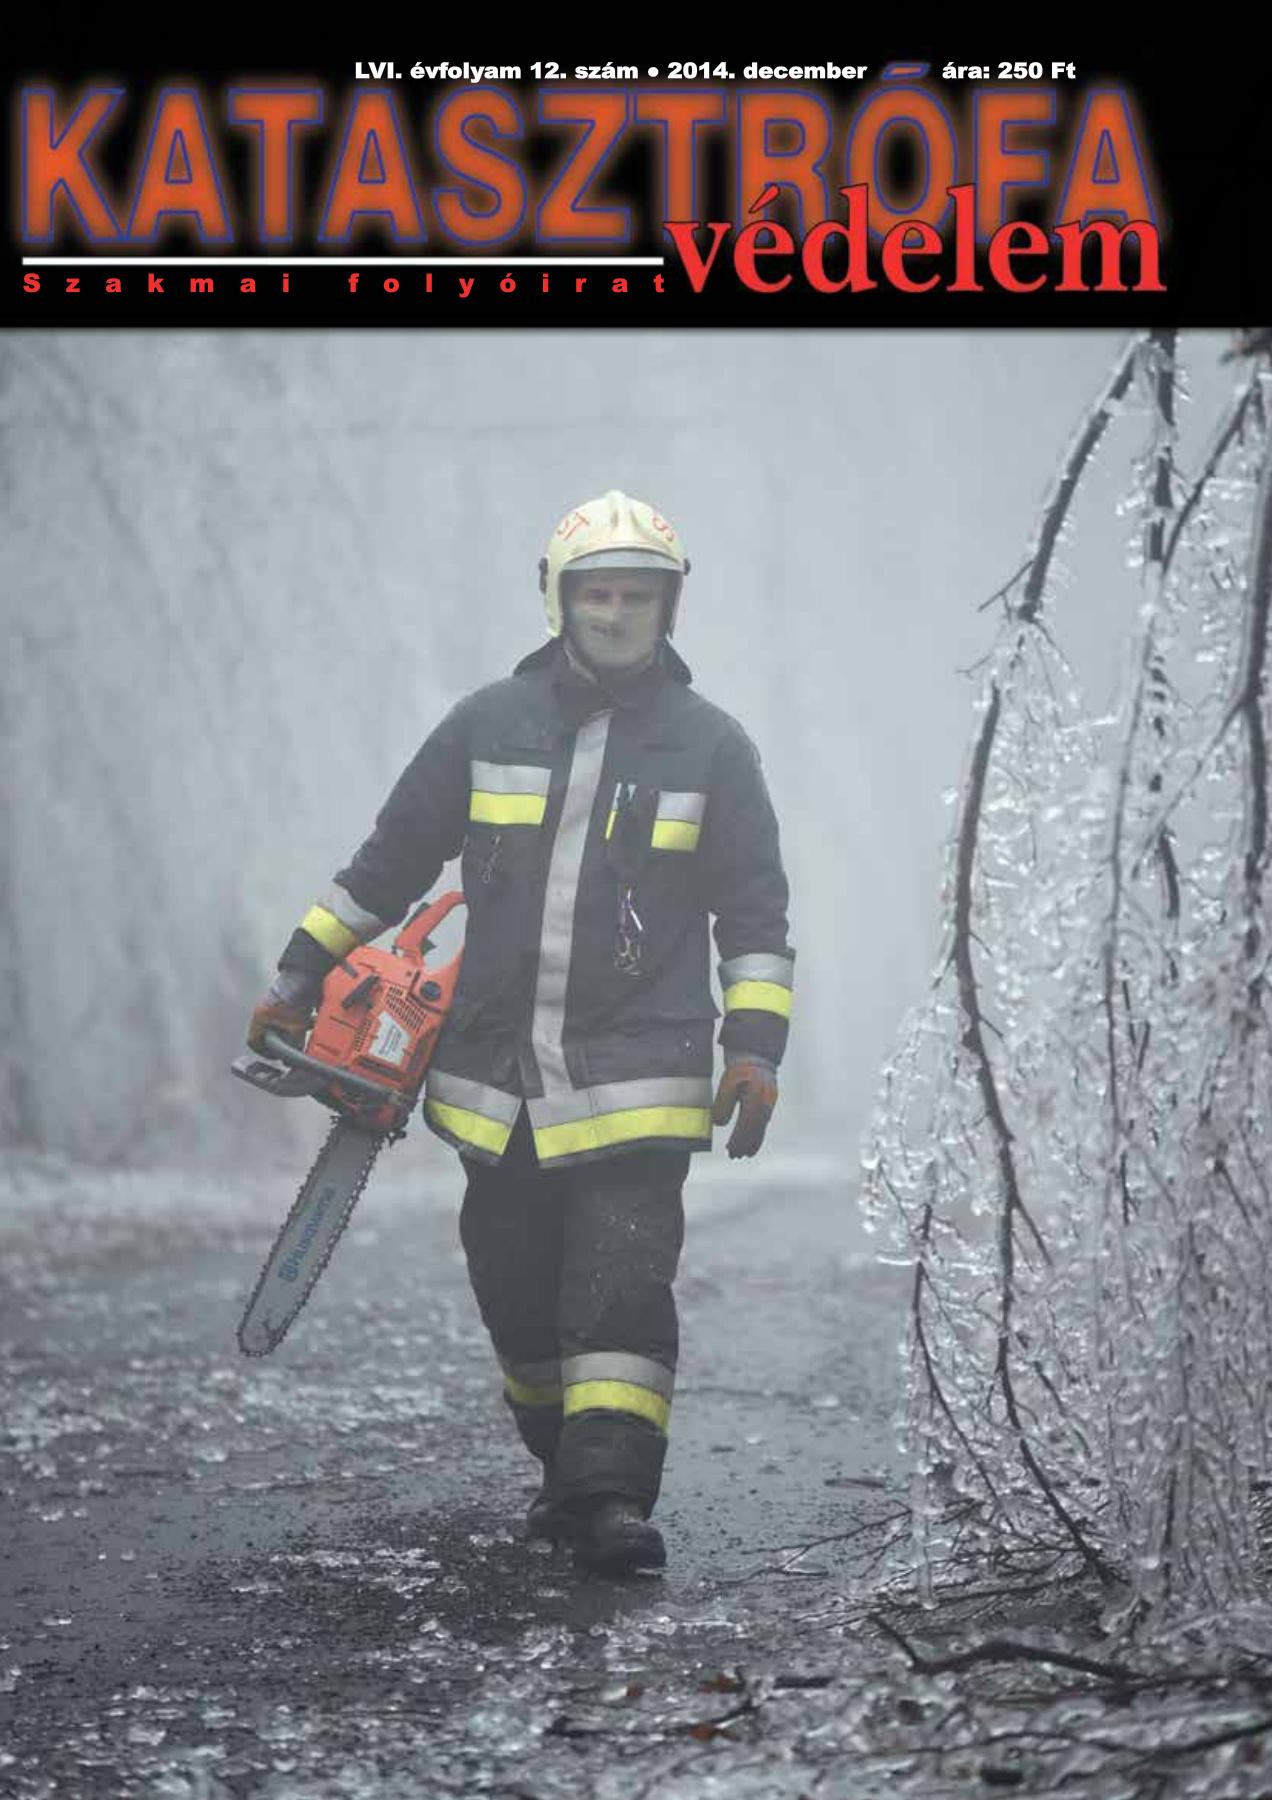 A Katasztrófavédelem magazin LVI. évfolyam 12. szám megtekintése